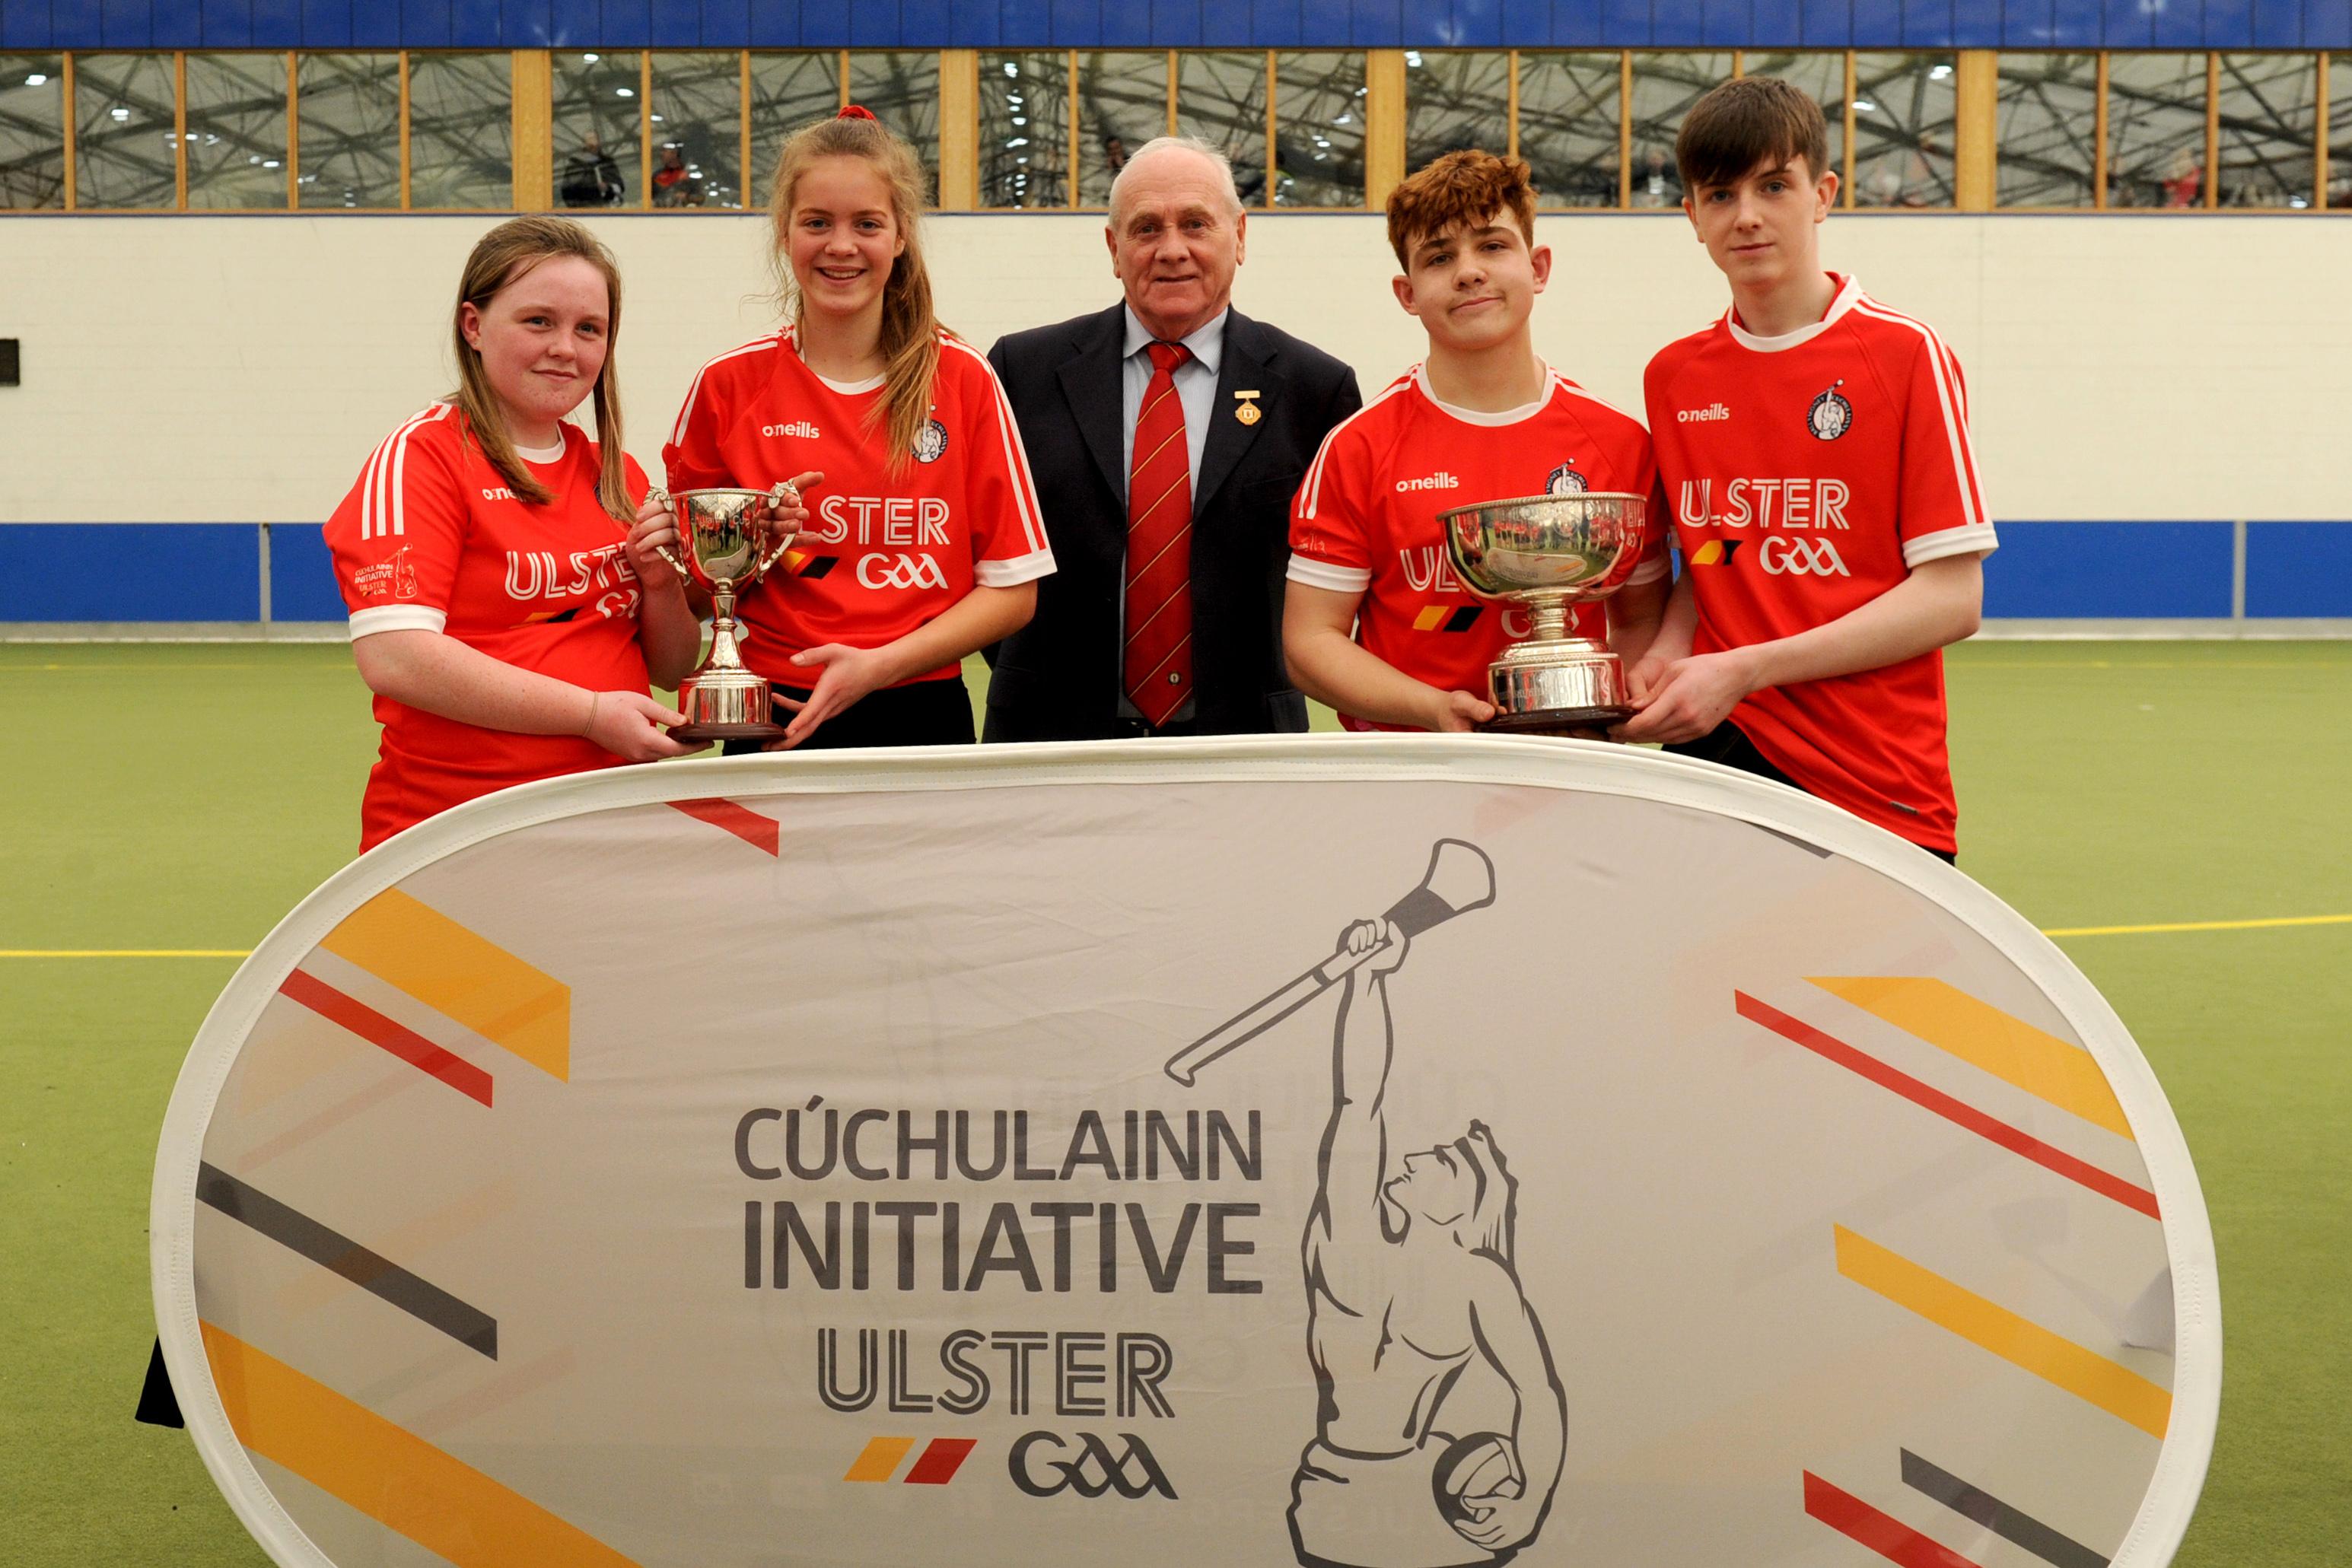 Double Cúchulainn success for Ballymoney Boys and Girls